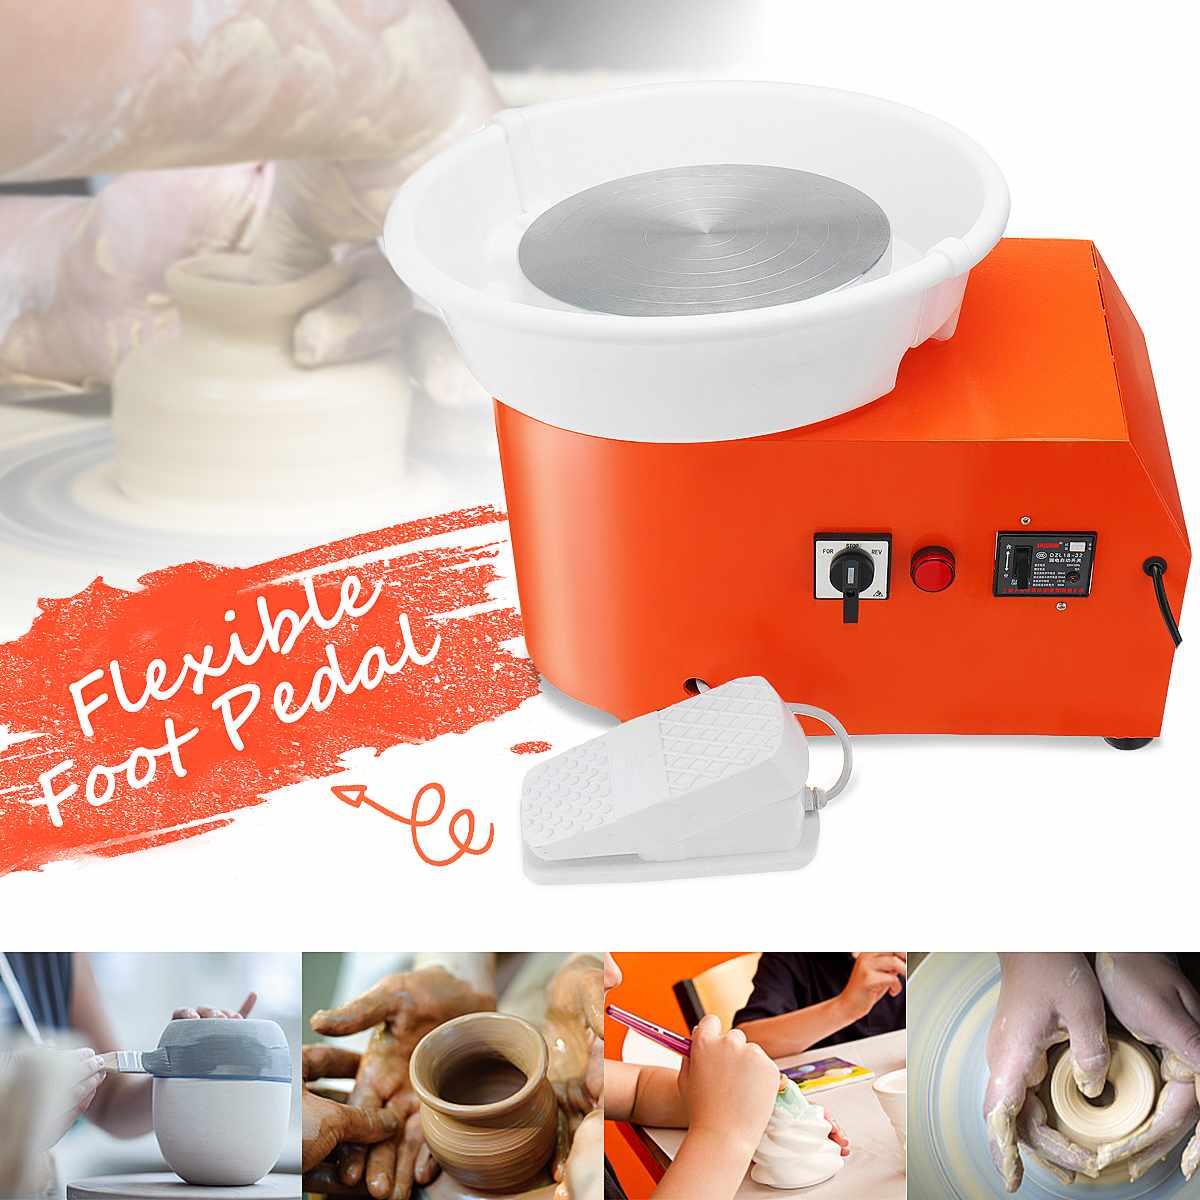 Tour De potier Machine DIY Argile Outil Travail En Céramique Céramique Argile Art Avec Flexible Pied Pédale 220 V Plug UA 350 W Amovible Formant